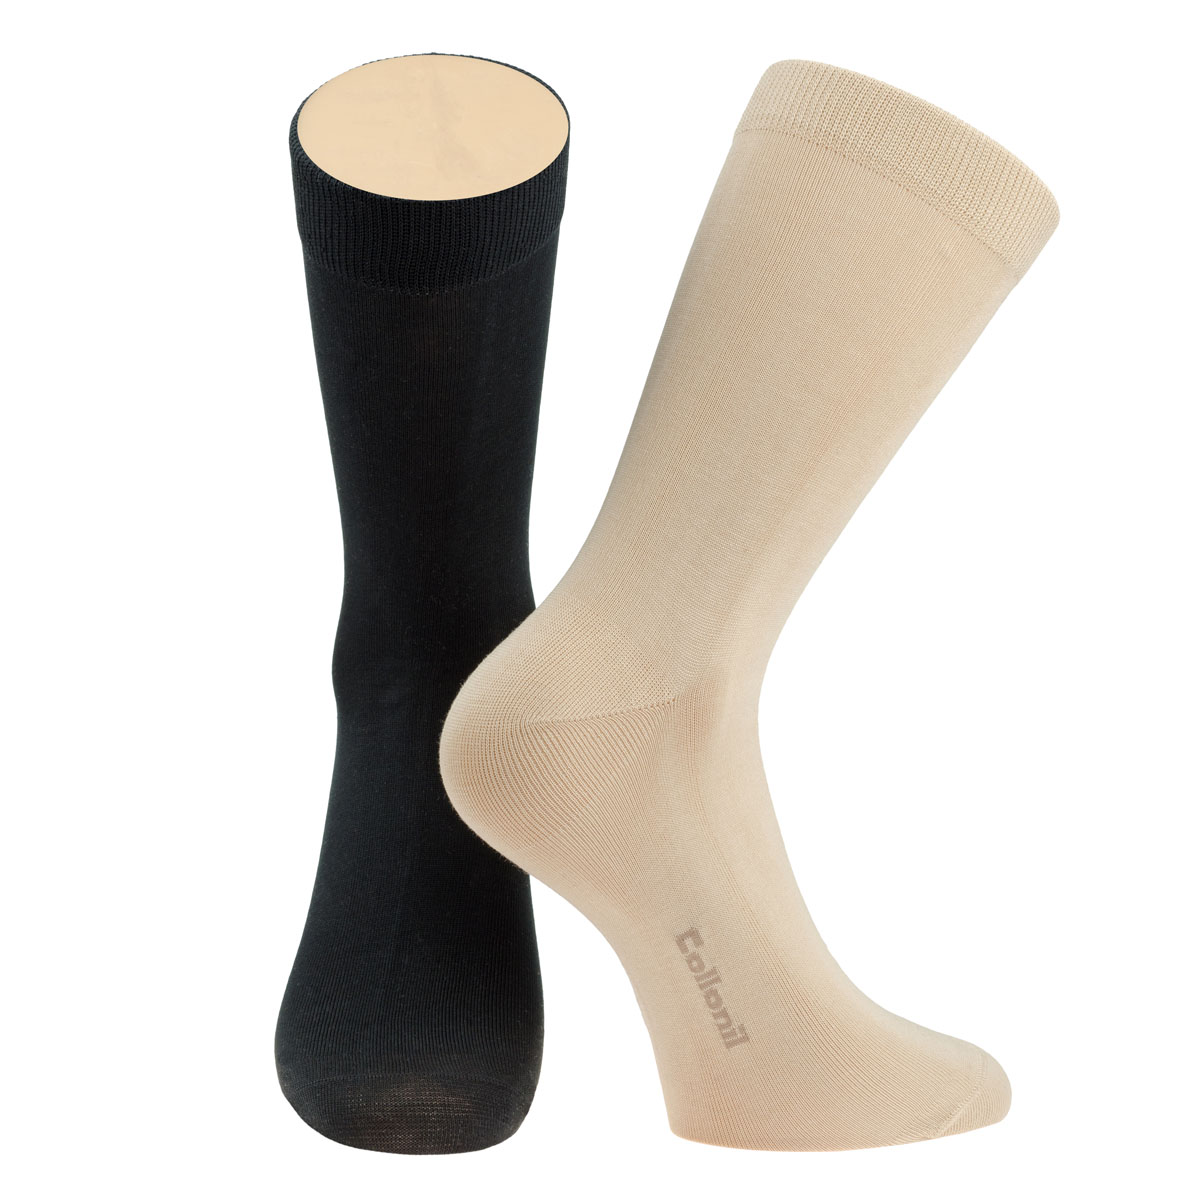 Носки мужские Collonil, цвет: черный, бежевый, 2 пары. CE3-40/04. Размер 43-46CE3-40/04Мужские носки Collonil изготовлены из эластичного хлопка с добавлением полиамида.Удлиненная широкая резинка не сдавливает и комфортно облегает ногу.В комплекте 2 пары.